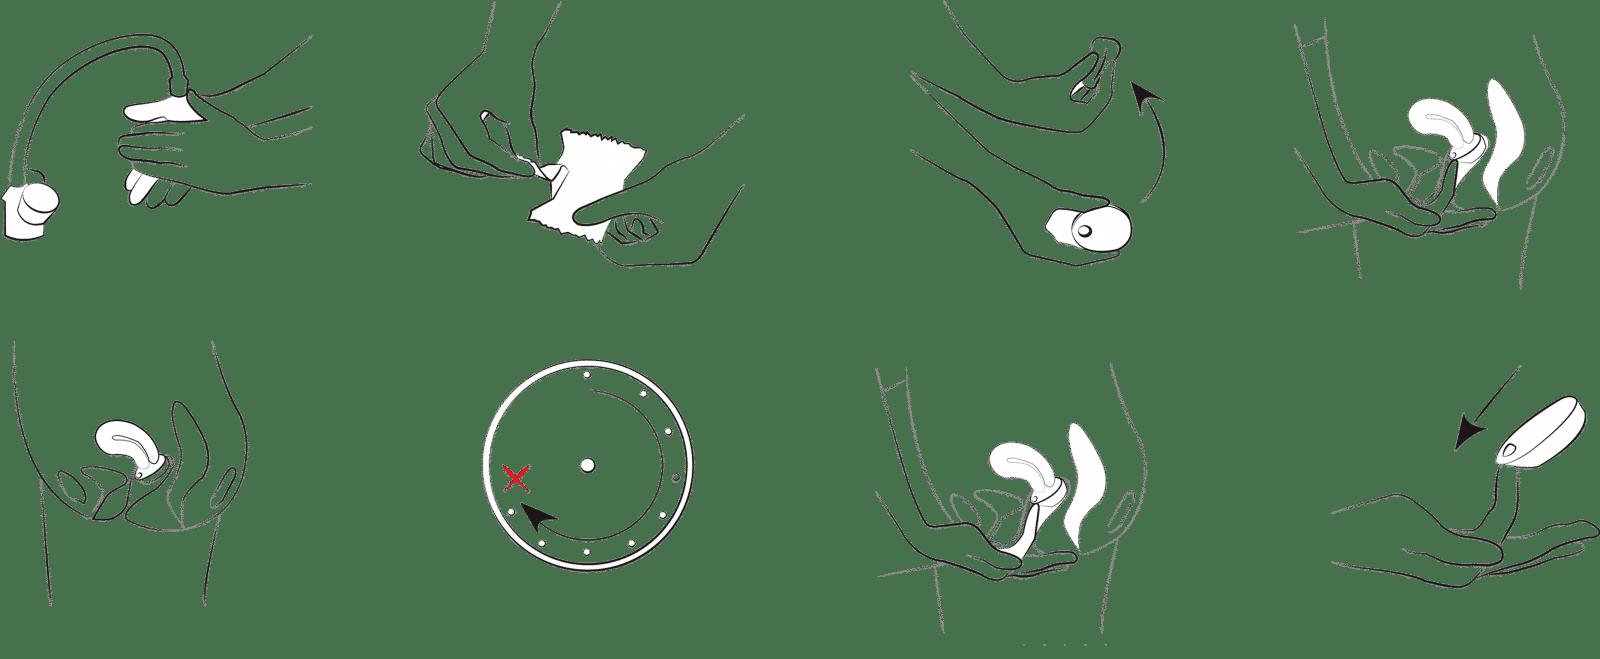 tampony do seksu, Tampony Beppy – tampony do seksu podczas okresu, Kubeczek menstruacyjny BEPPY CUP i Tampony BEPPY